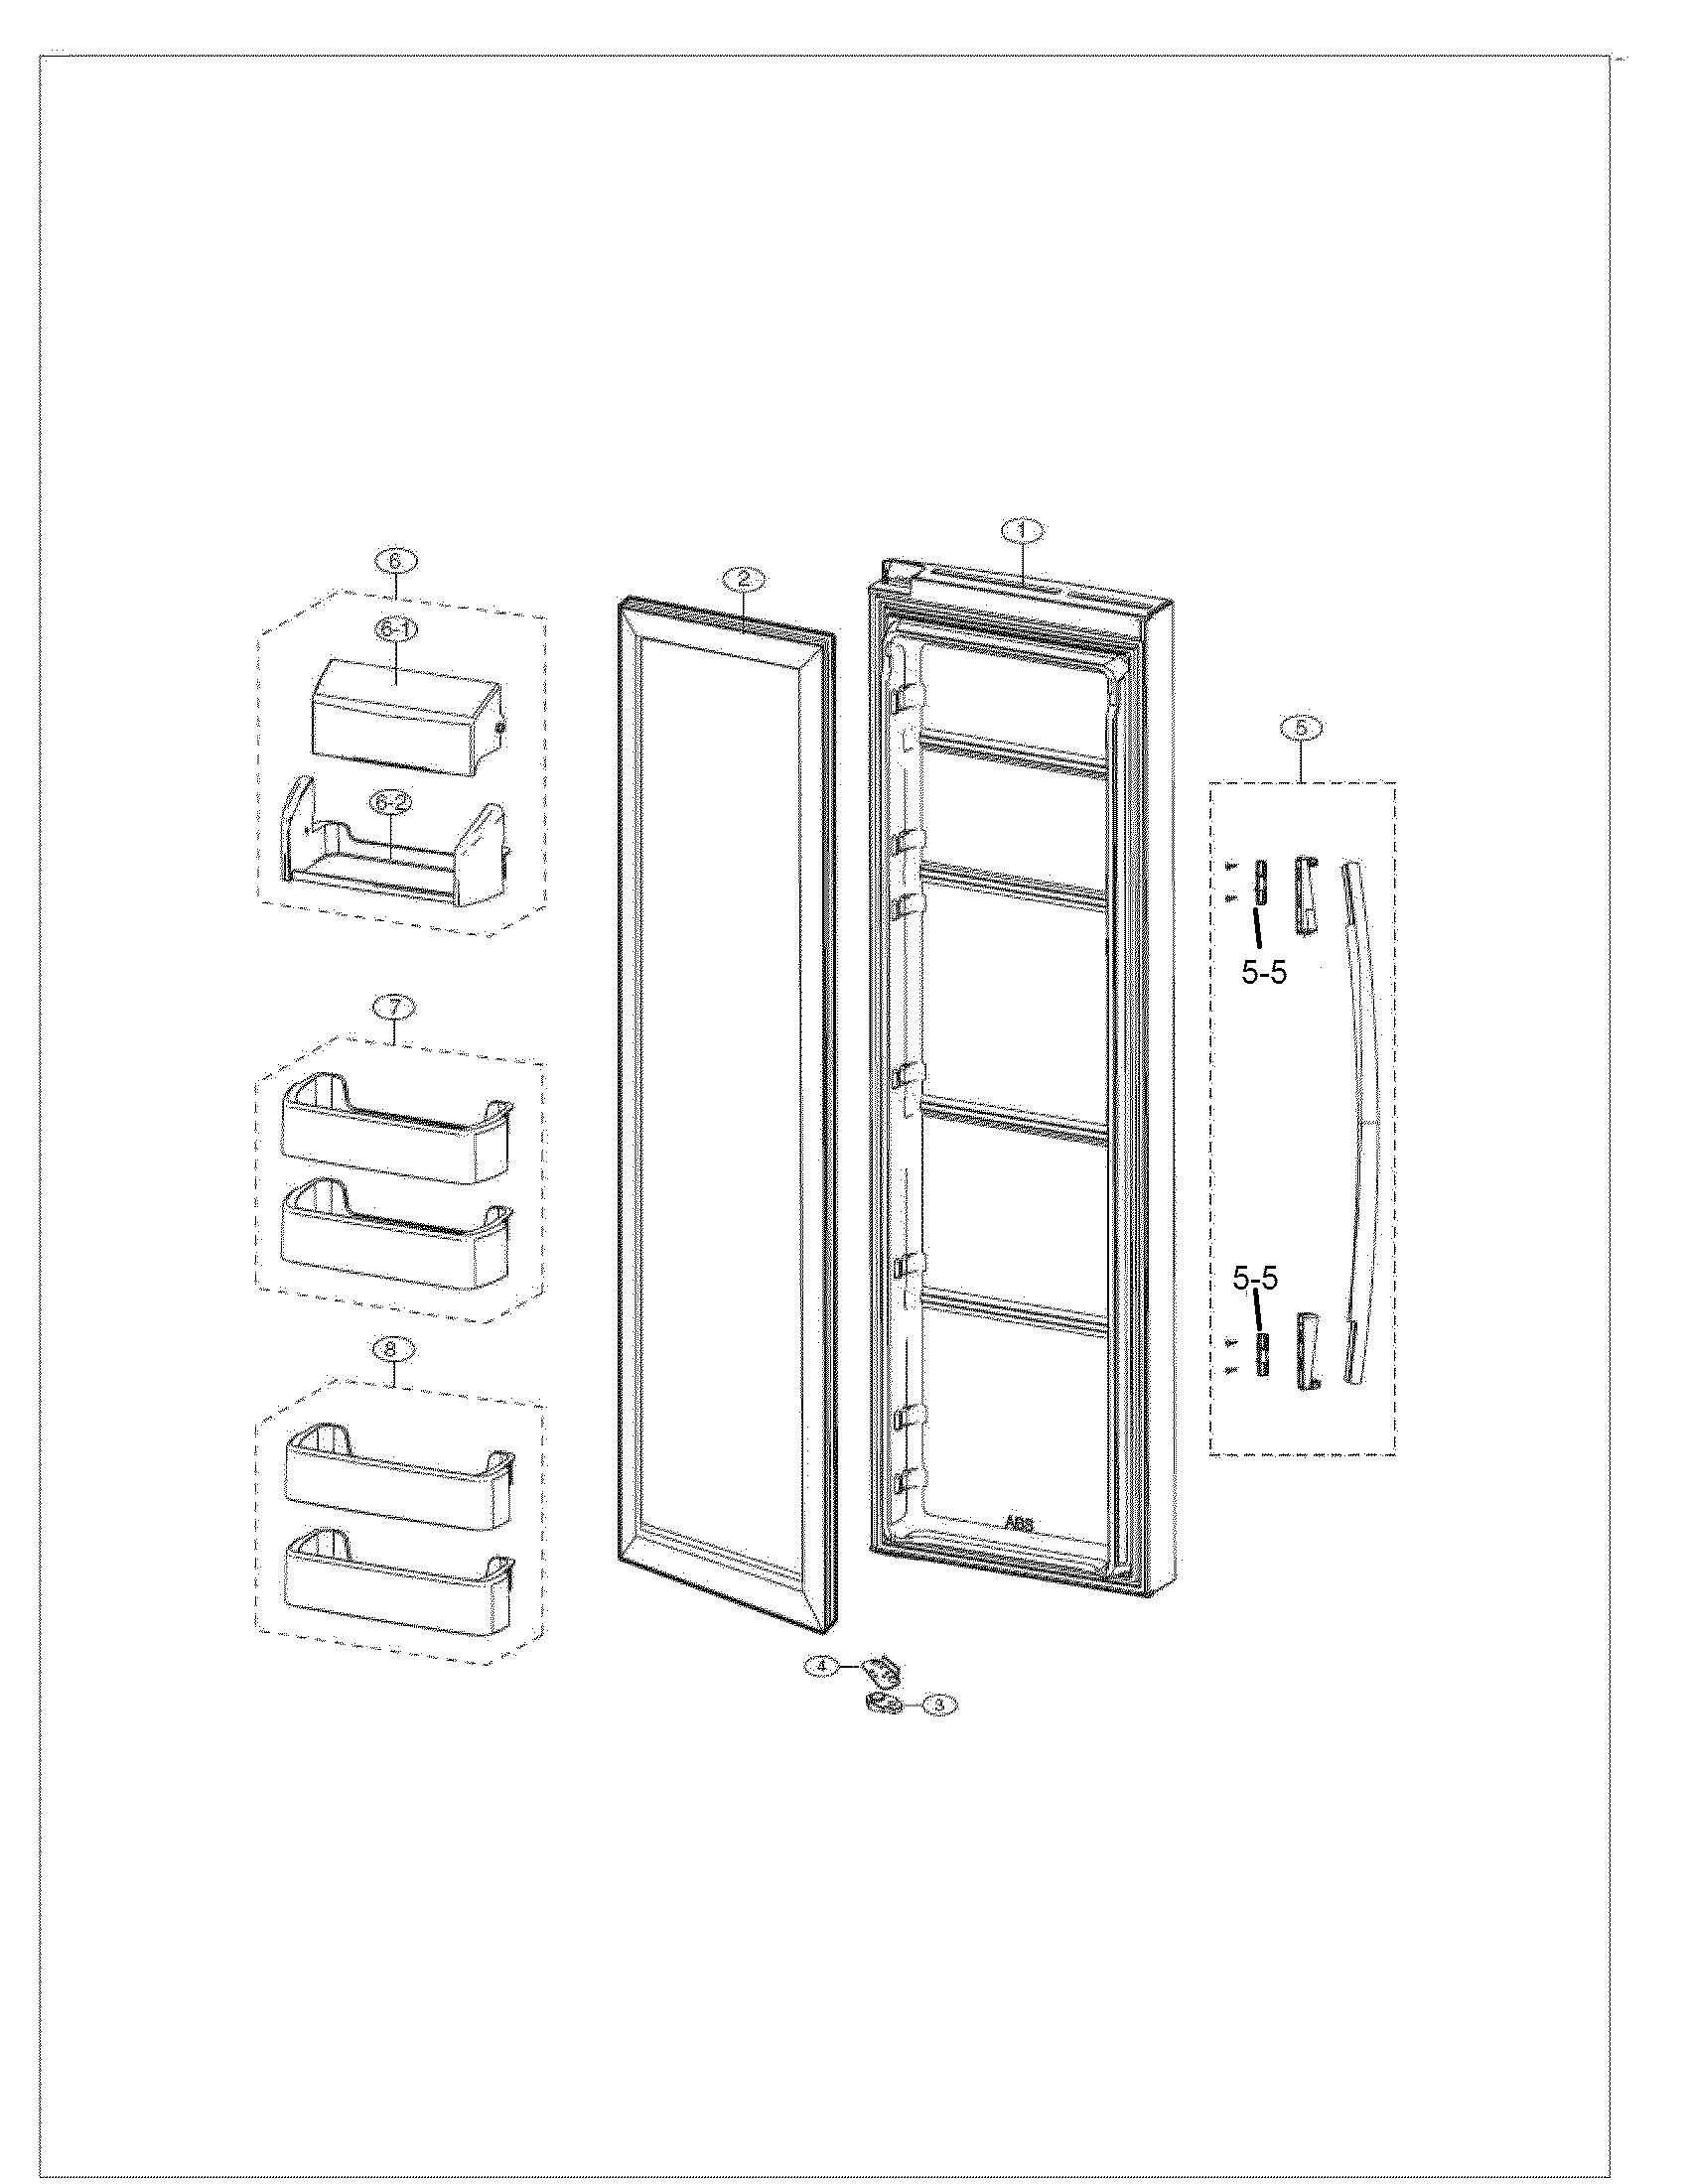 samsung refrigerator model rs261mdrs manual